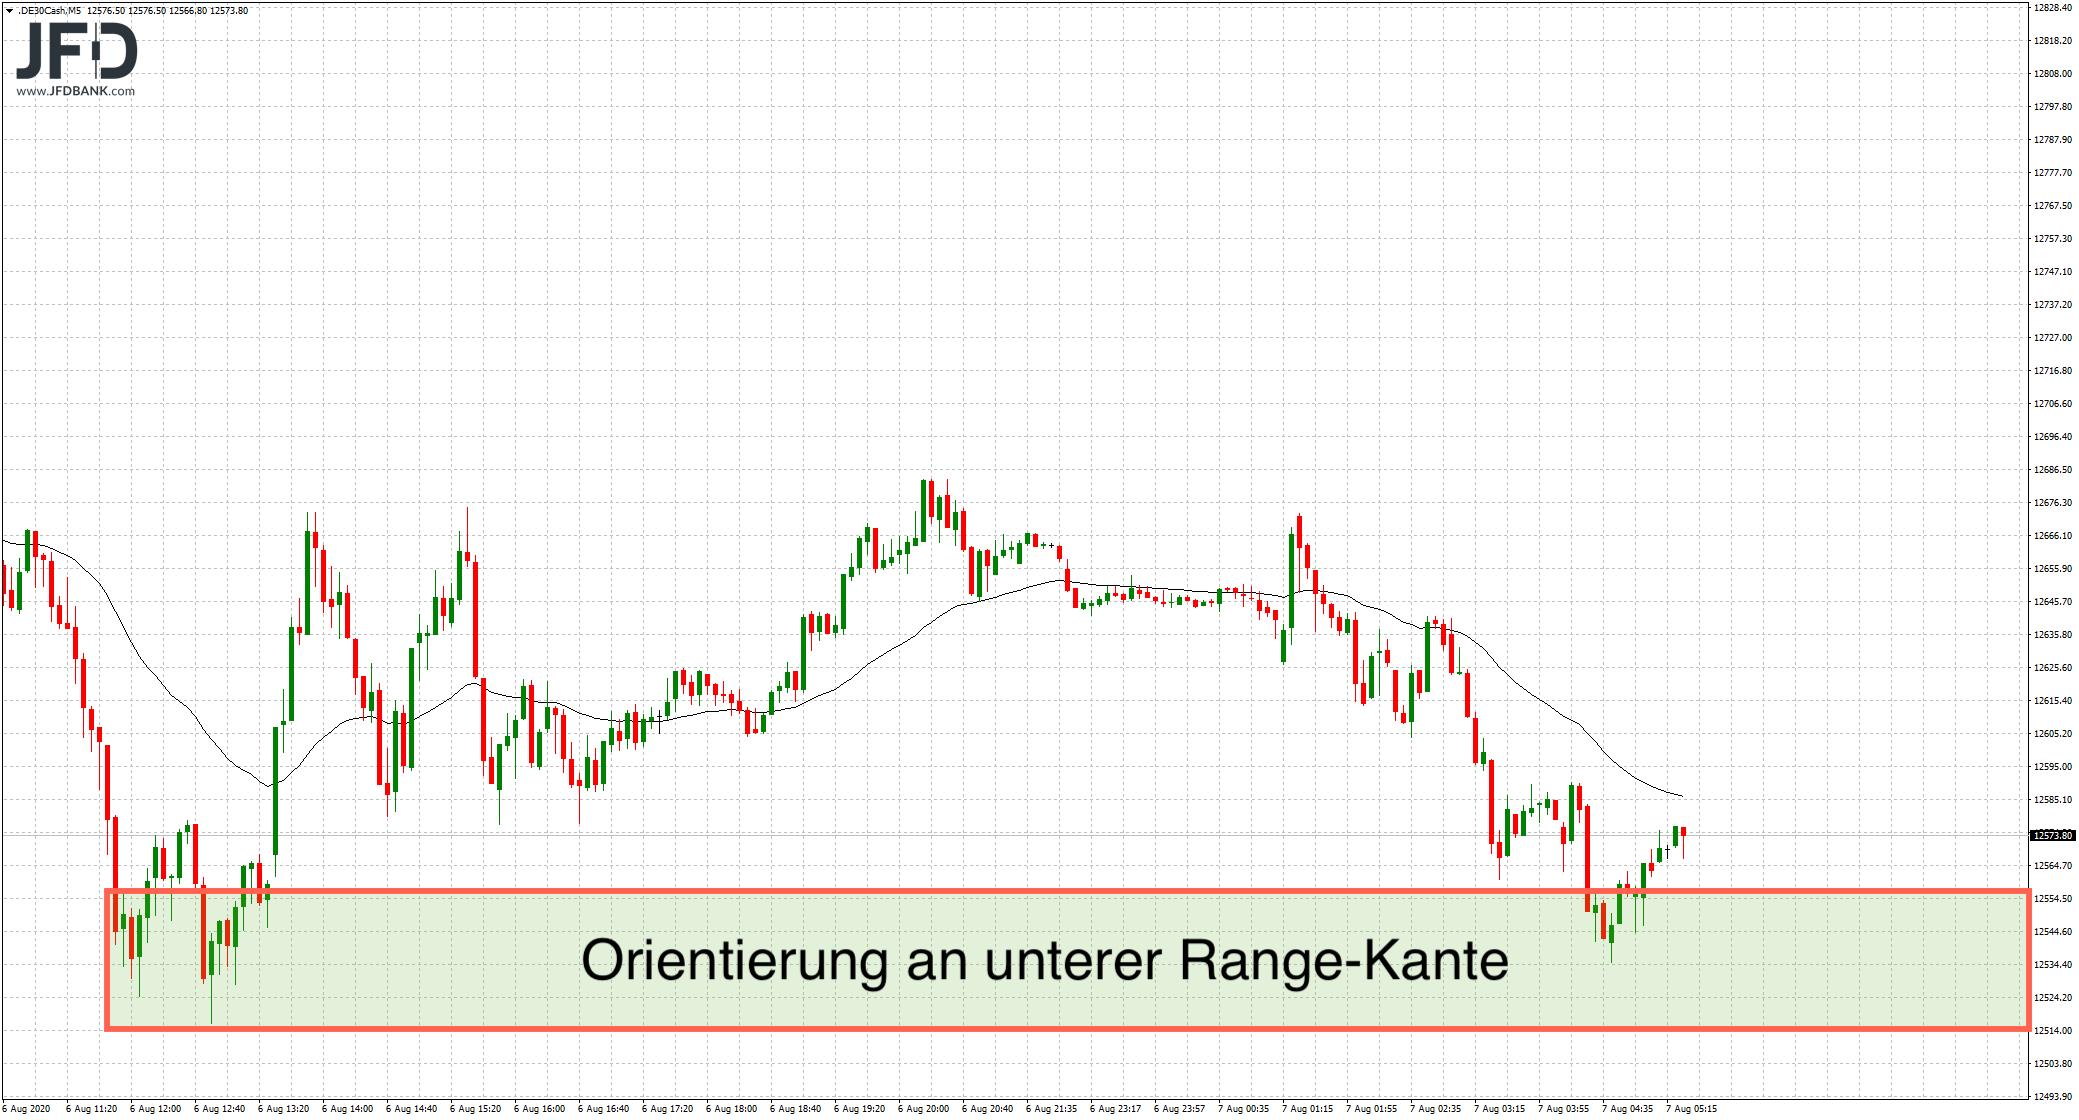 Schwäche-im-DAX-nicht-zu-übersehen-Kommentar-JFD-Bank-GodmodeTrader.de-6